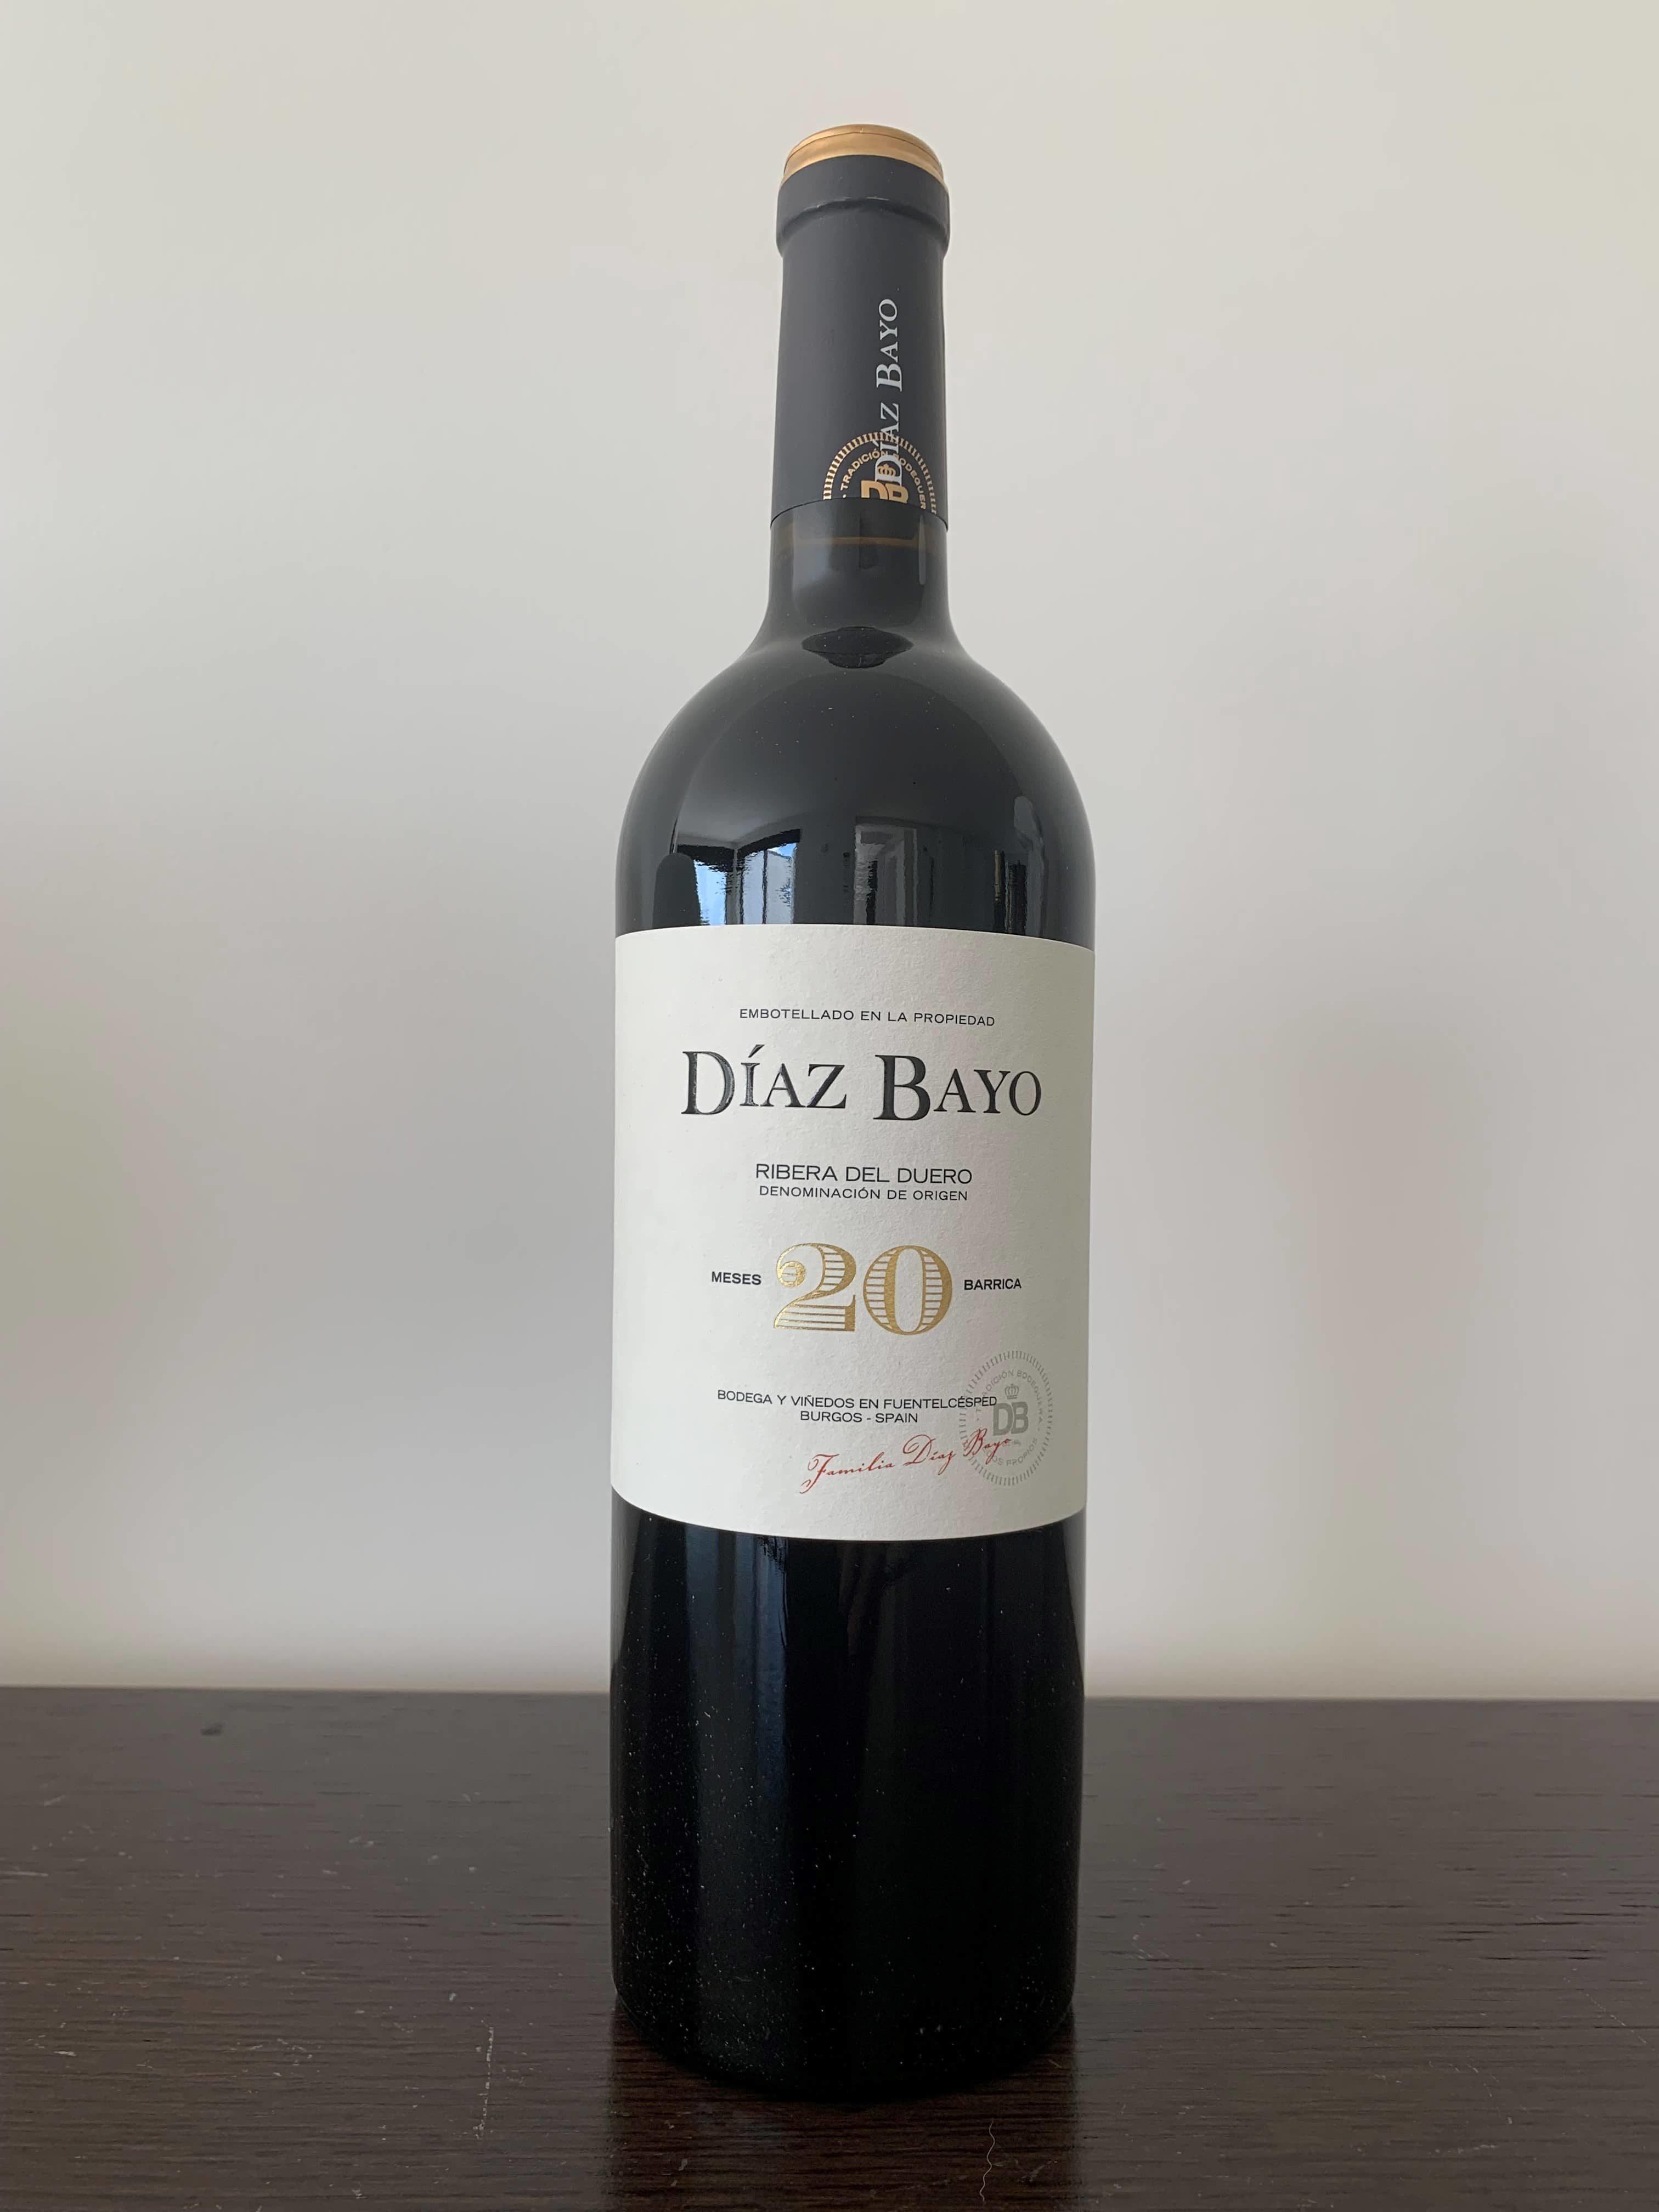 Diaz Bayo Reserva 20